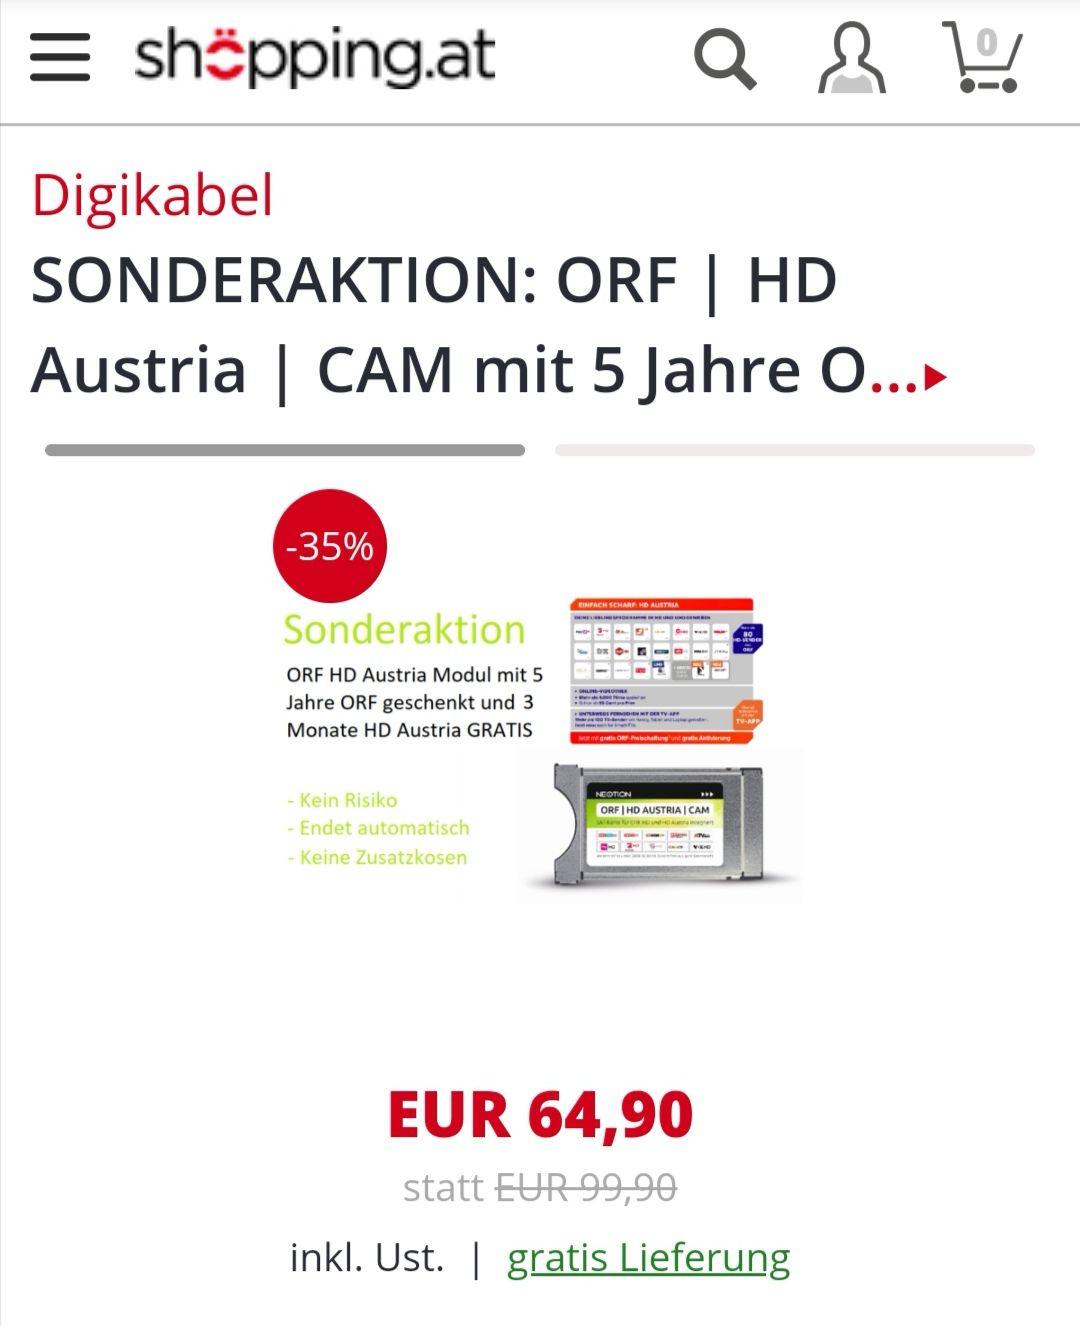 ORF Karte inklusive der Anmeldegebühr für 5 Jahre im Wert von 17,99€